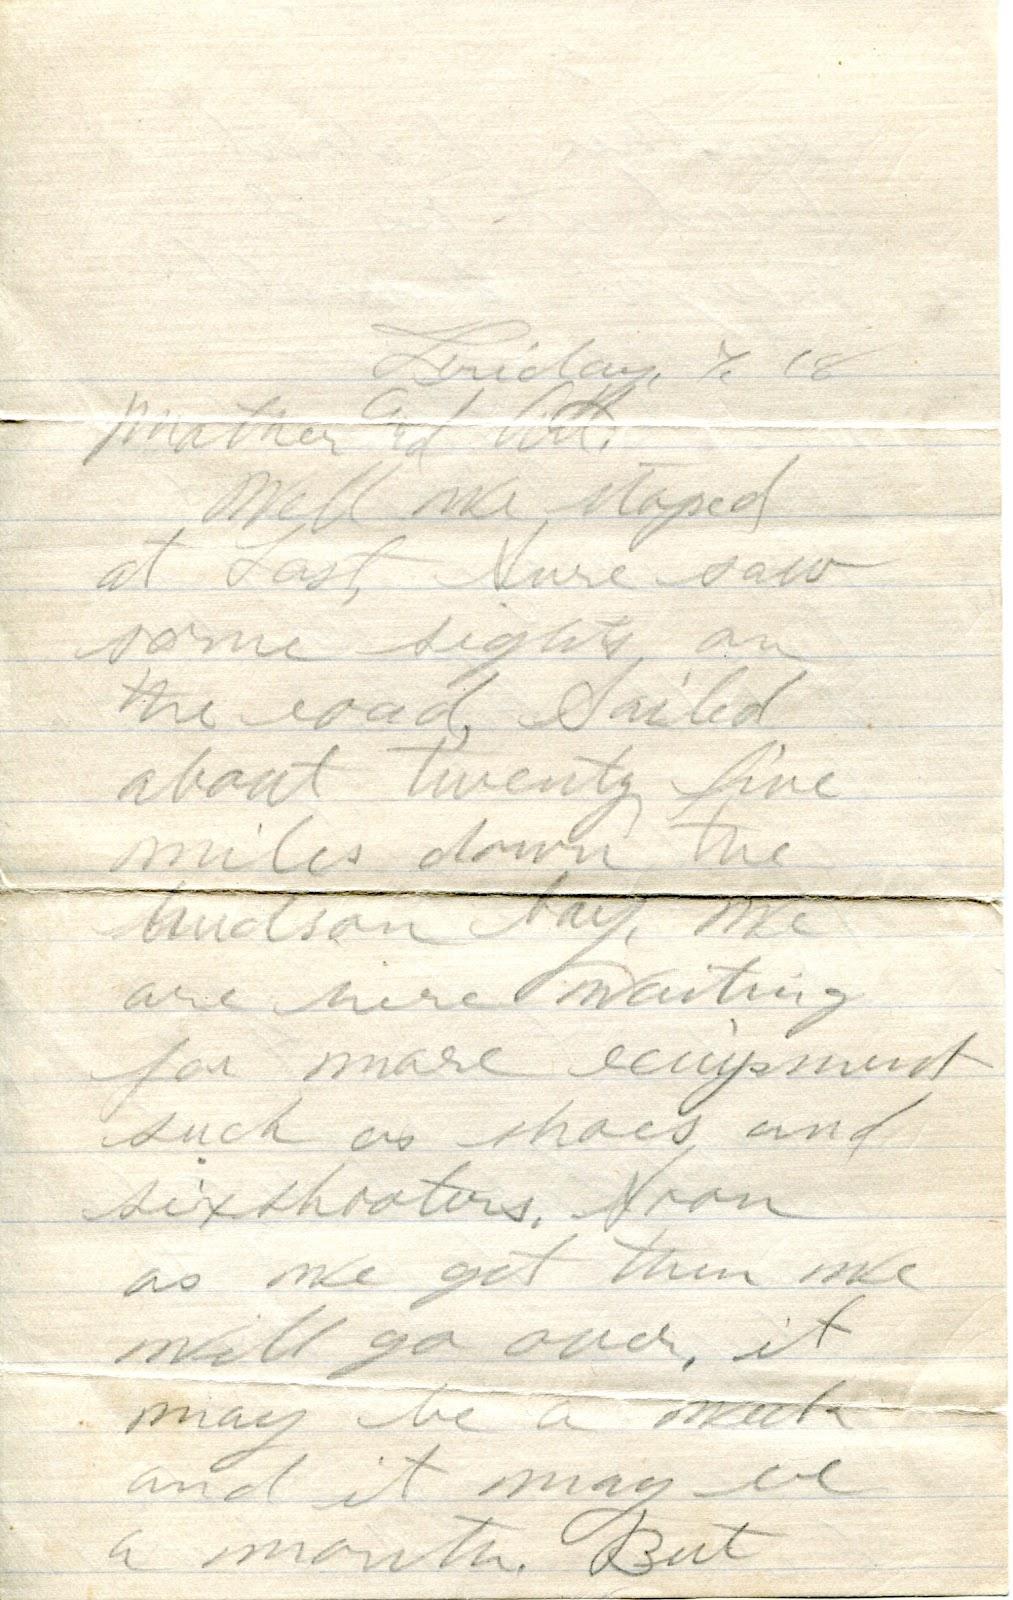 wwi-letters-7-jun-1918001.jpg